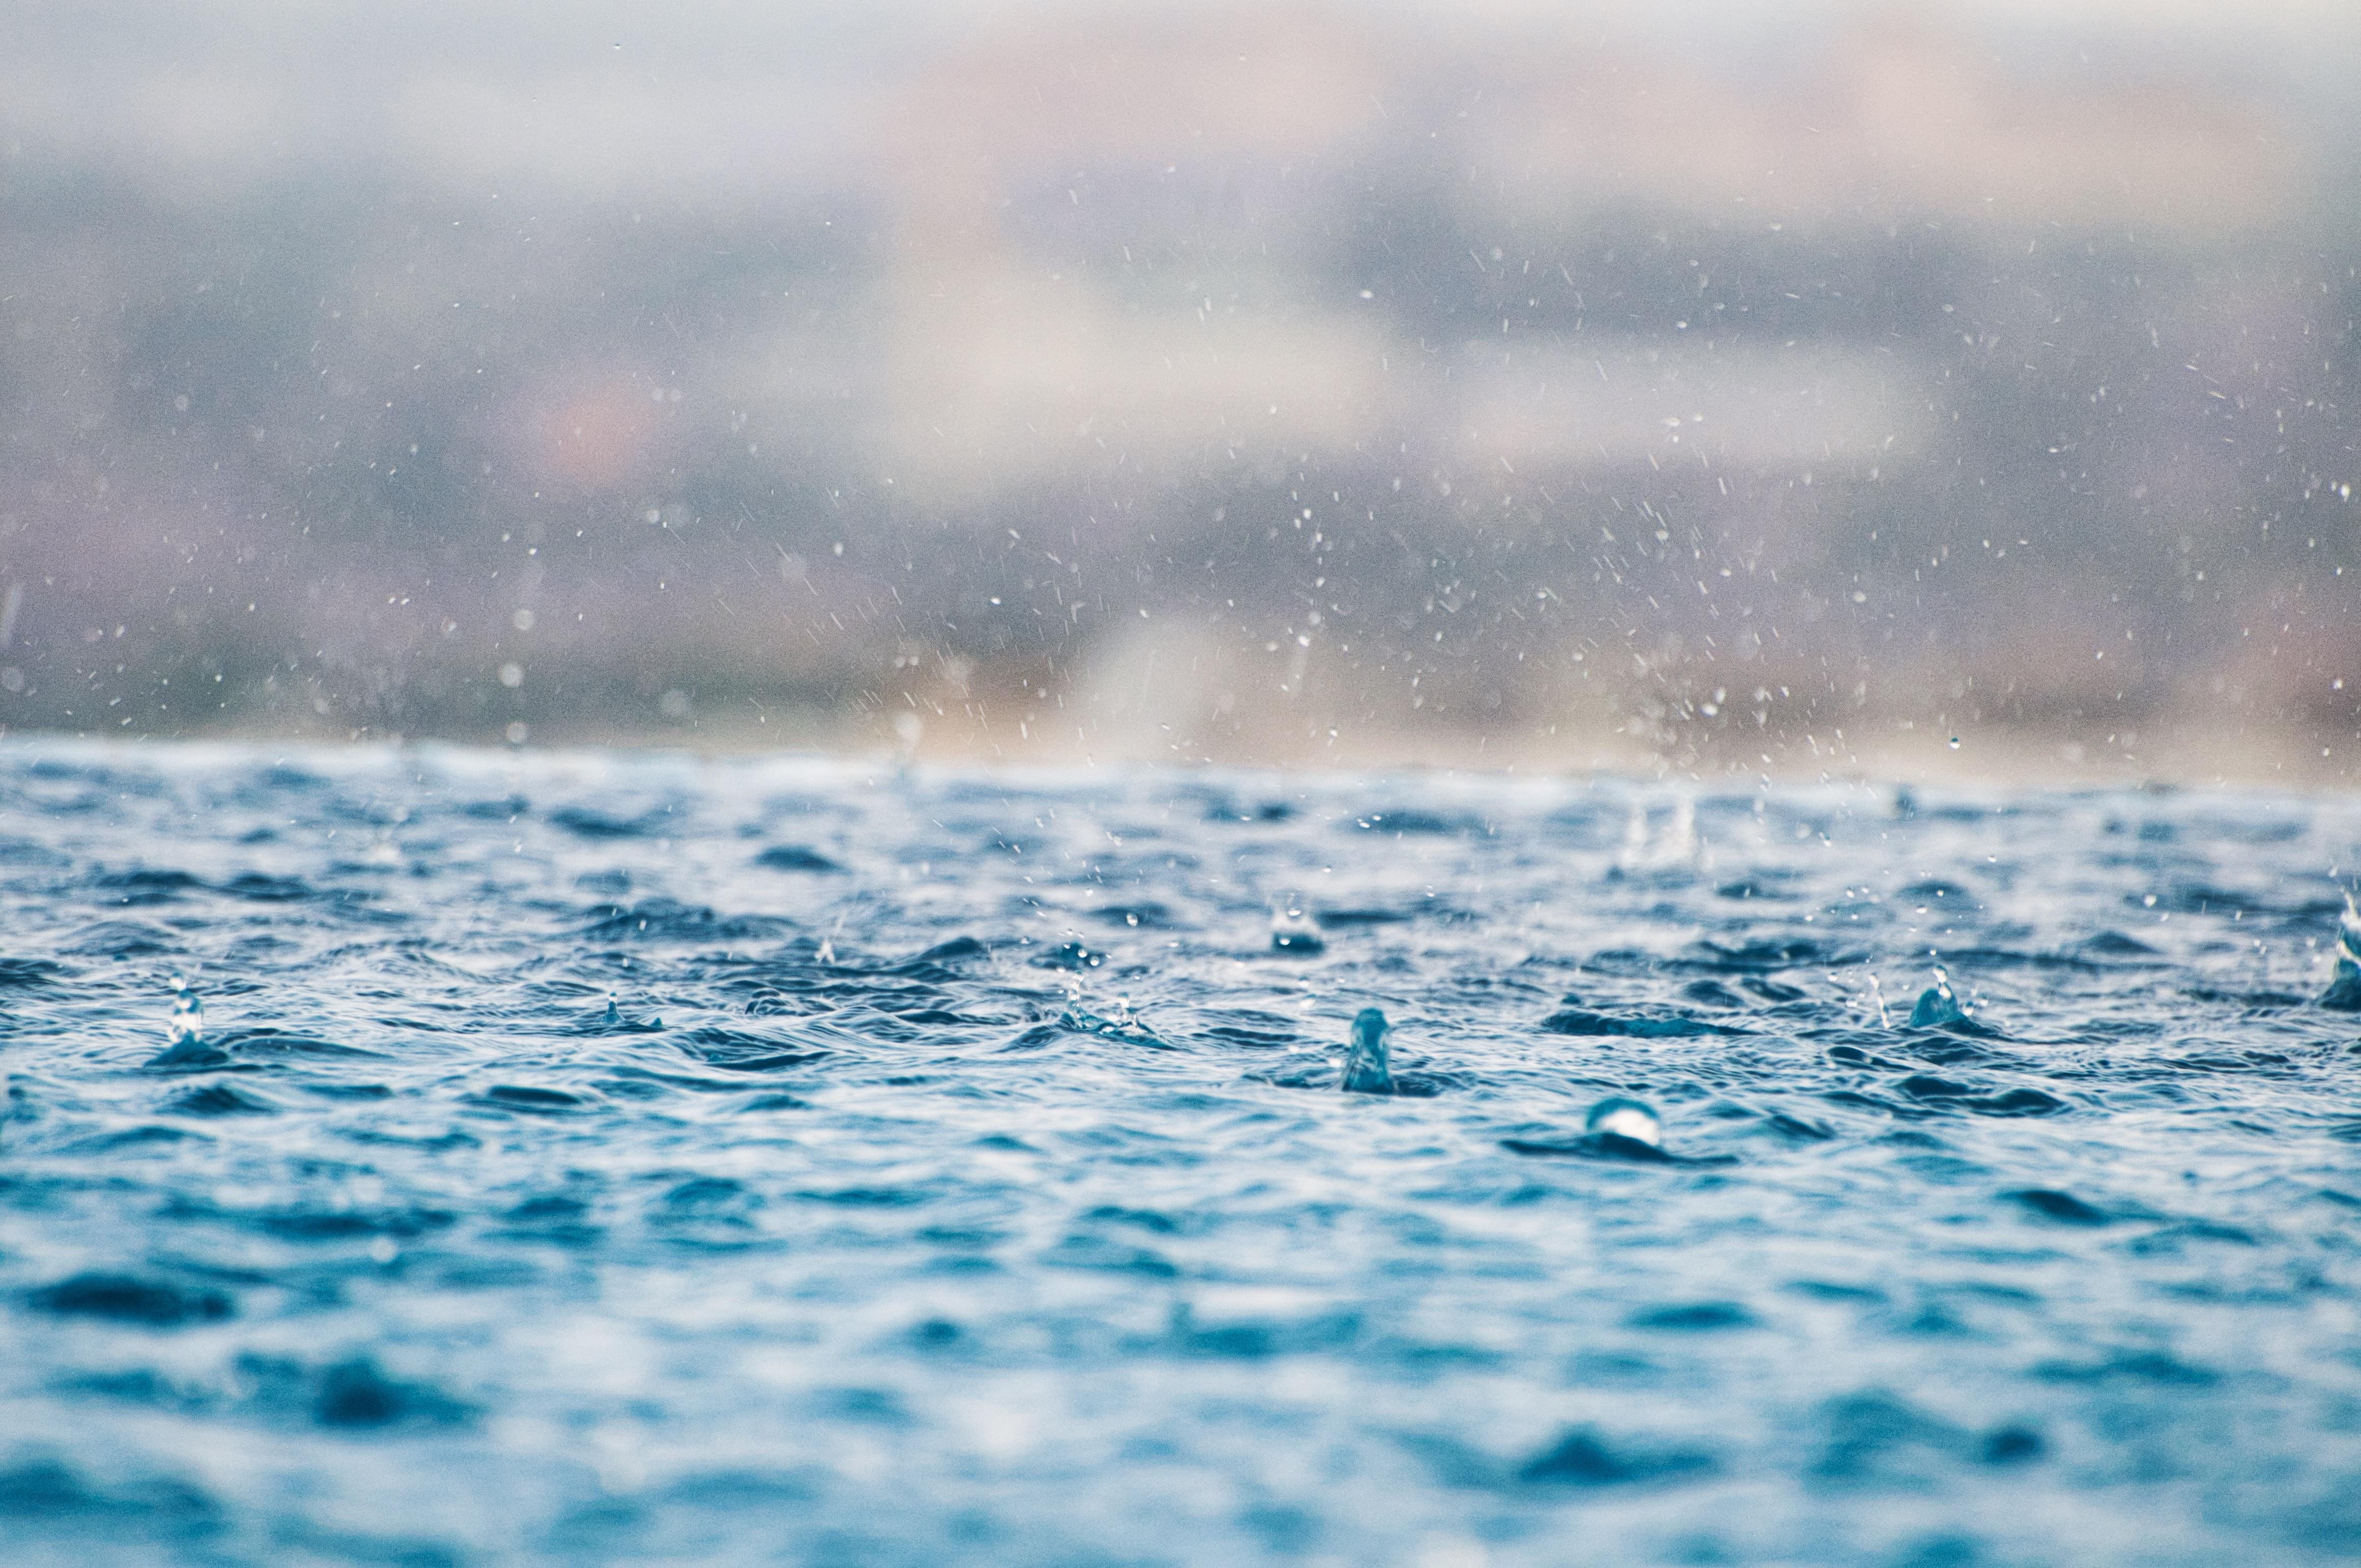 Ezért is okozhat tömeges halpusztulást egy nagy eső